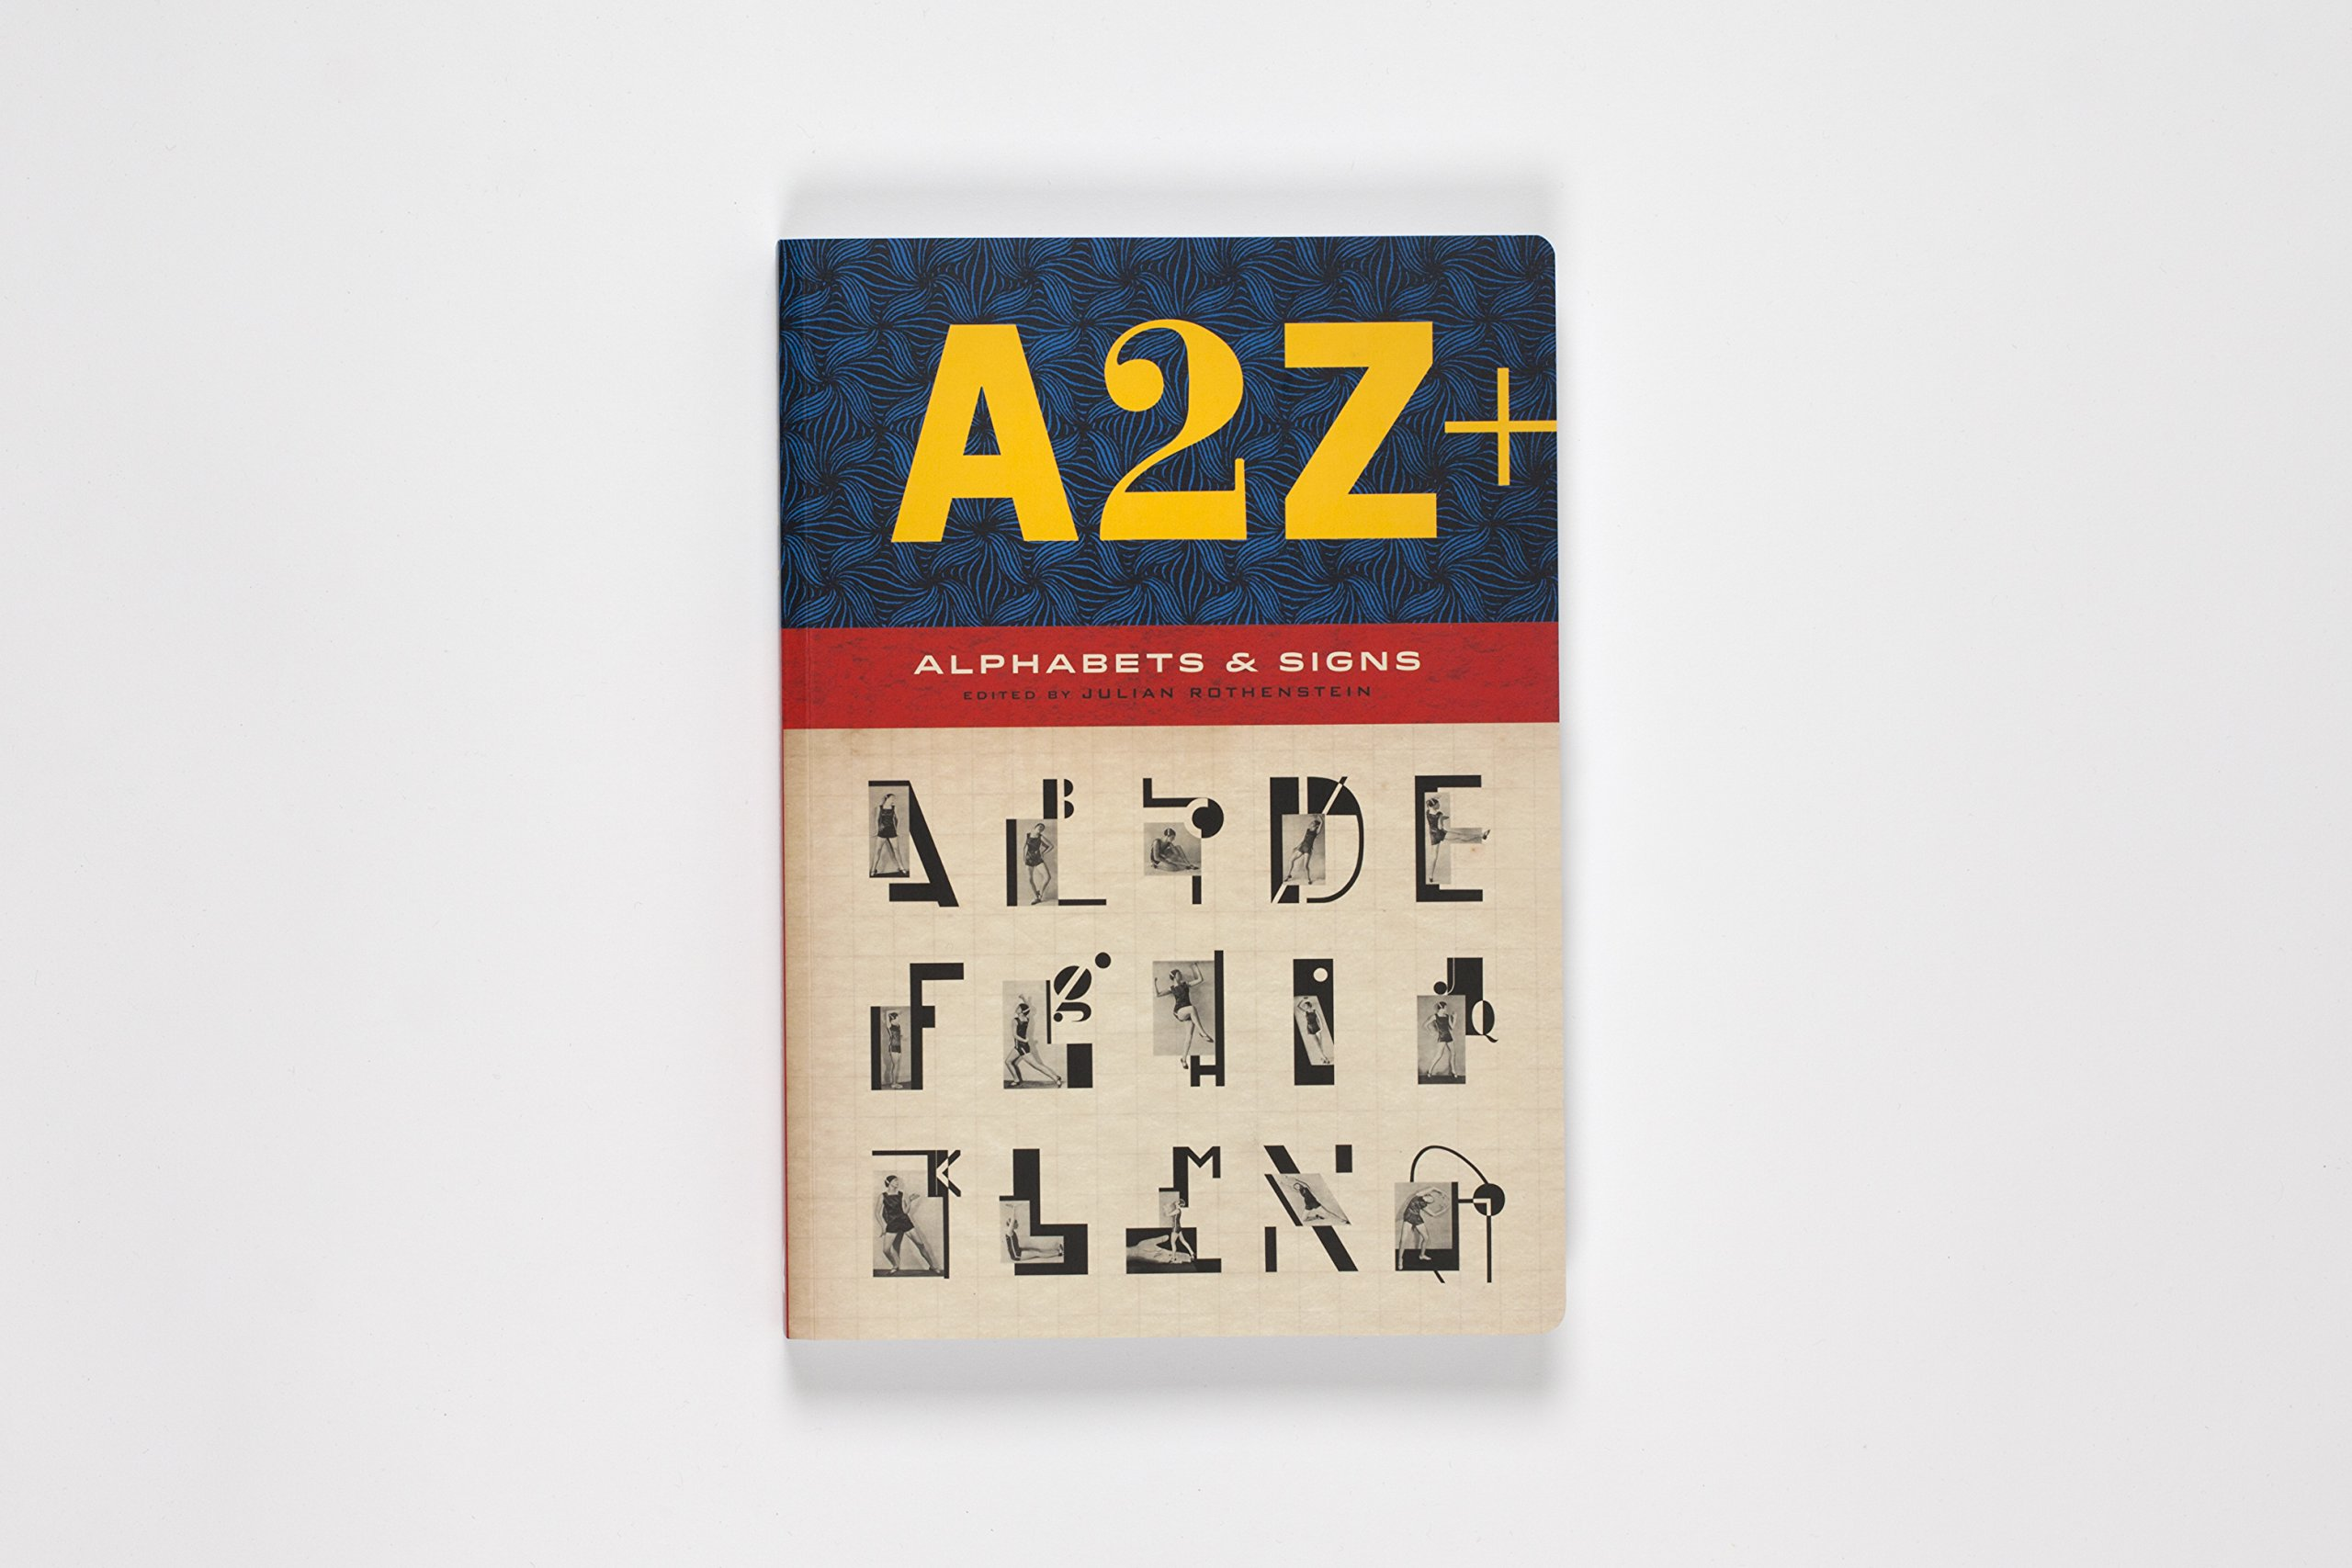 a2z 1